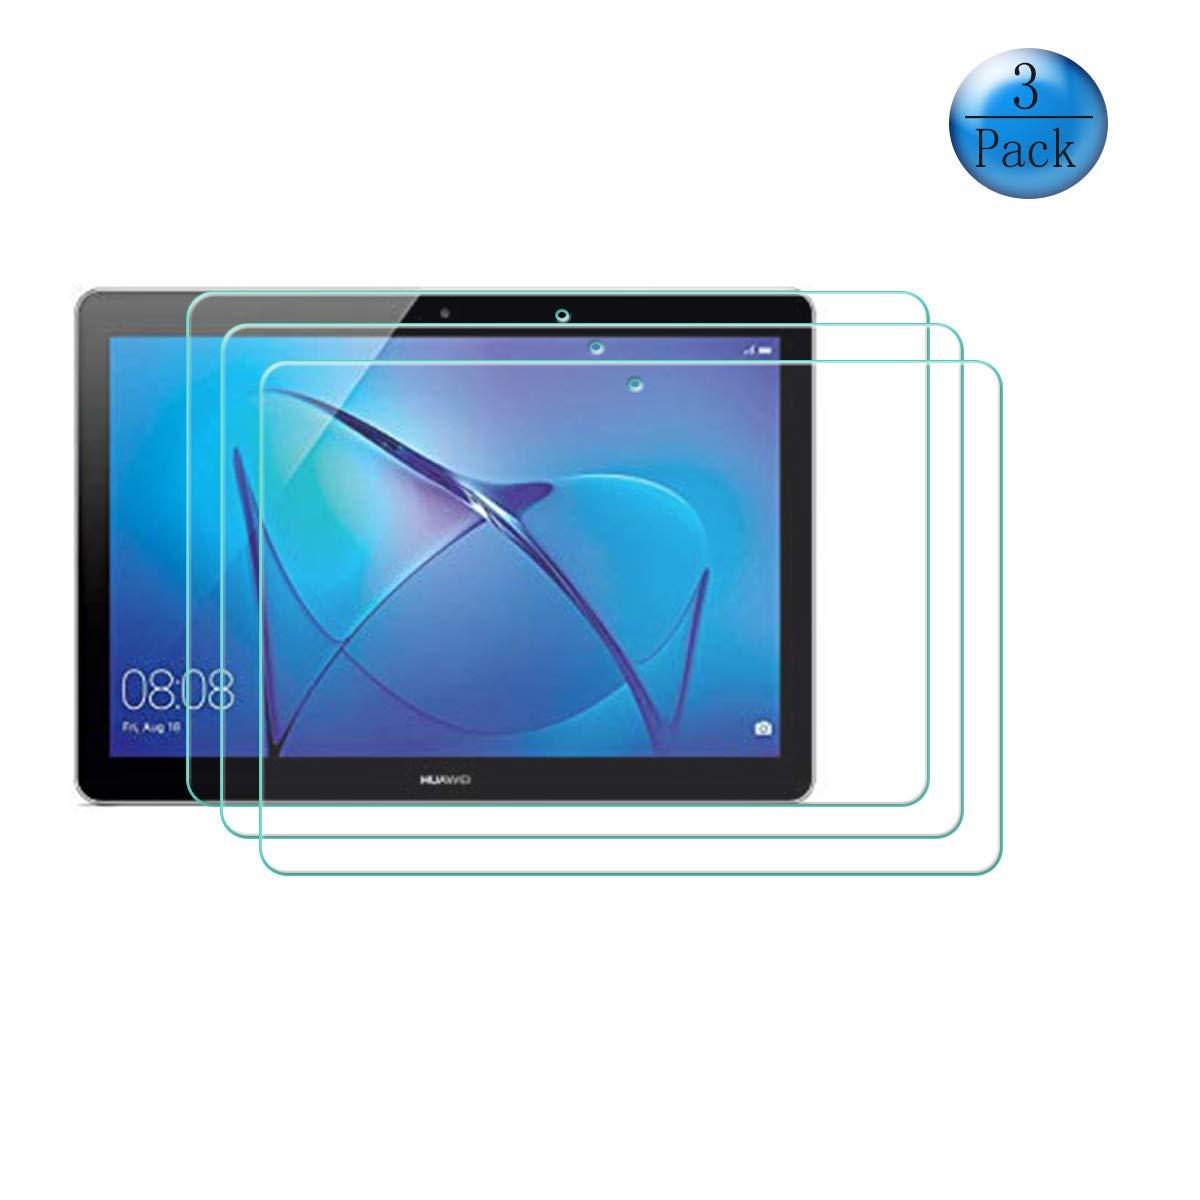 szjckj Magnetico Custodia + 2 Pezzi HD Vetro Temperato per Huawei MediaPad T3 10 (9,6\'), Alta qualità Film Pellicola Screen Protector - Pieghevole Cover schede Copertura Antiurto Protettiva - LW24